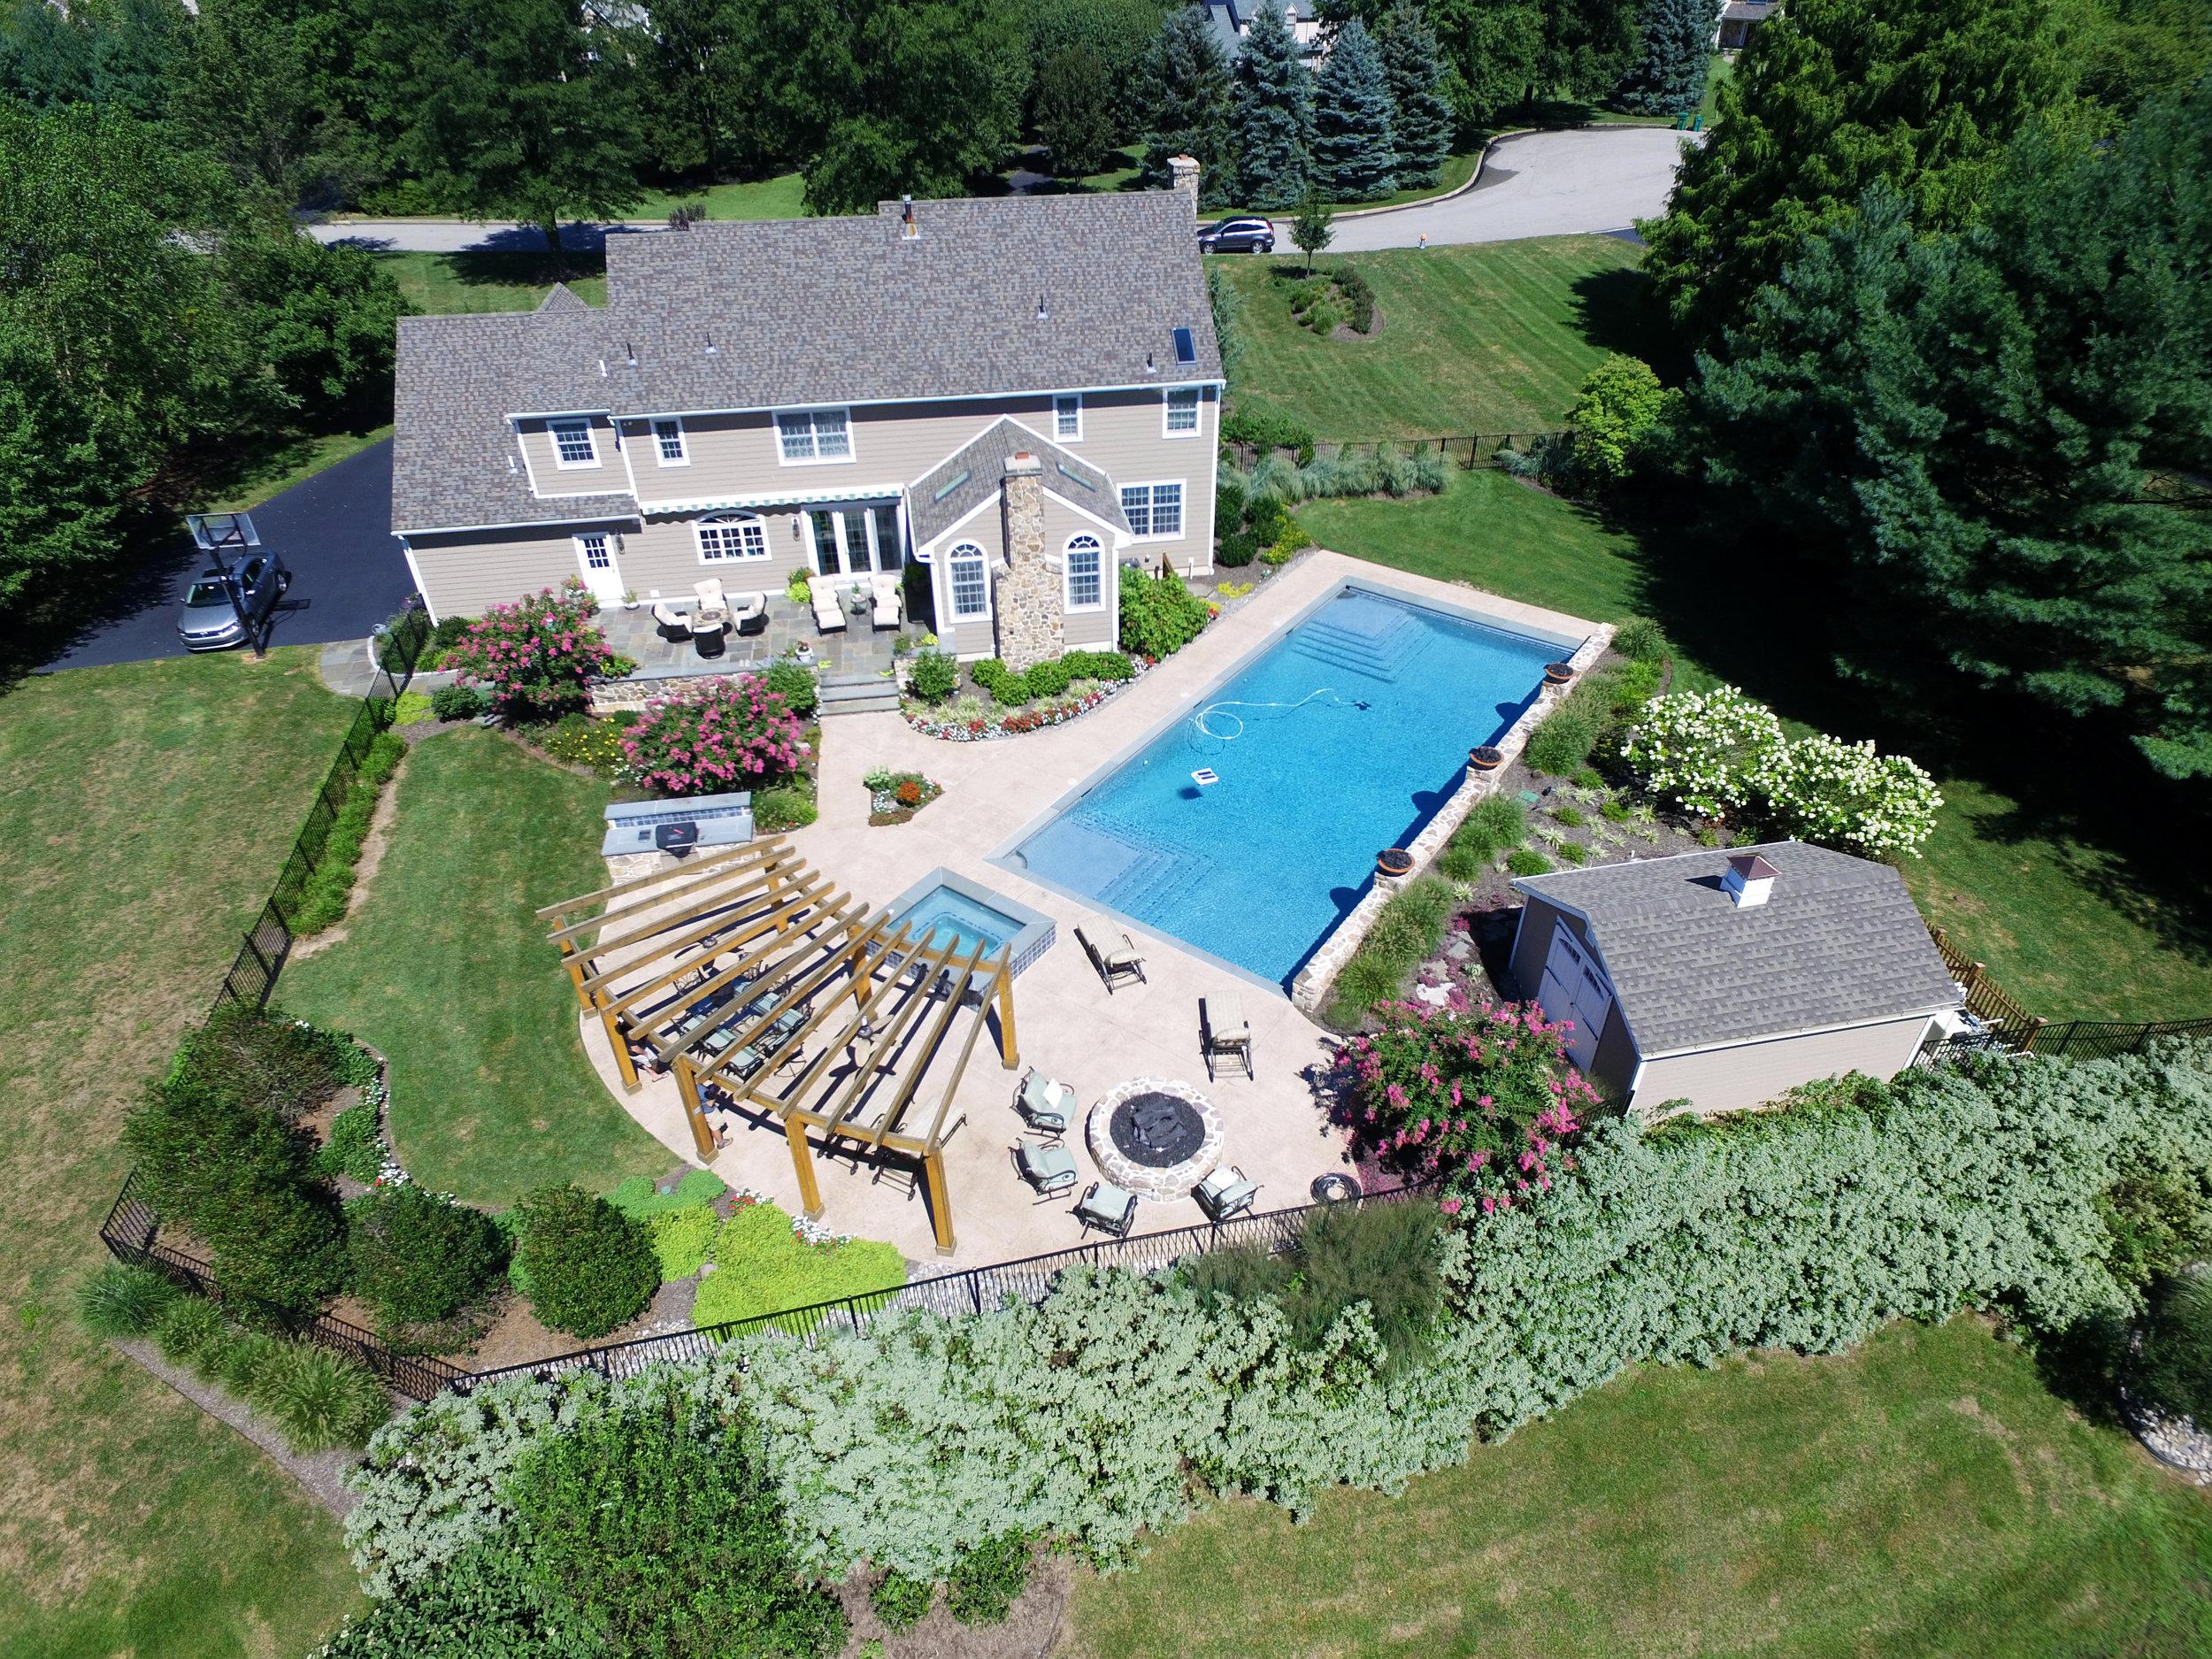 PondWorks_pool_aerial view.jpg